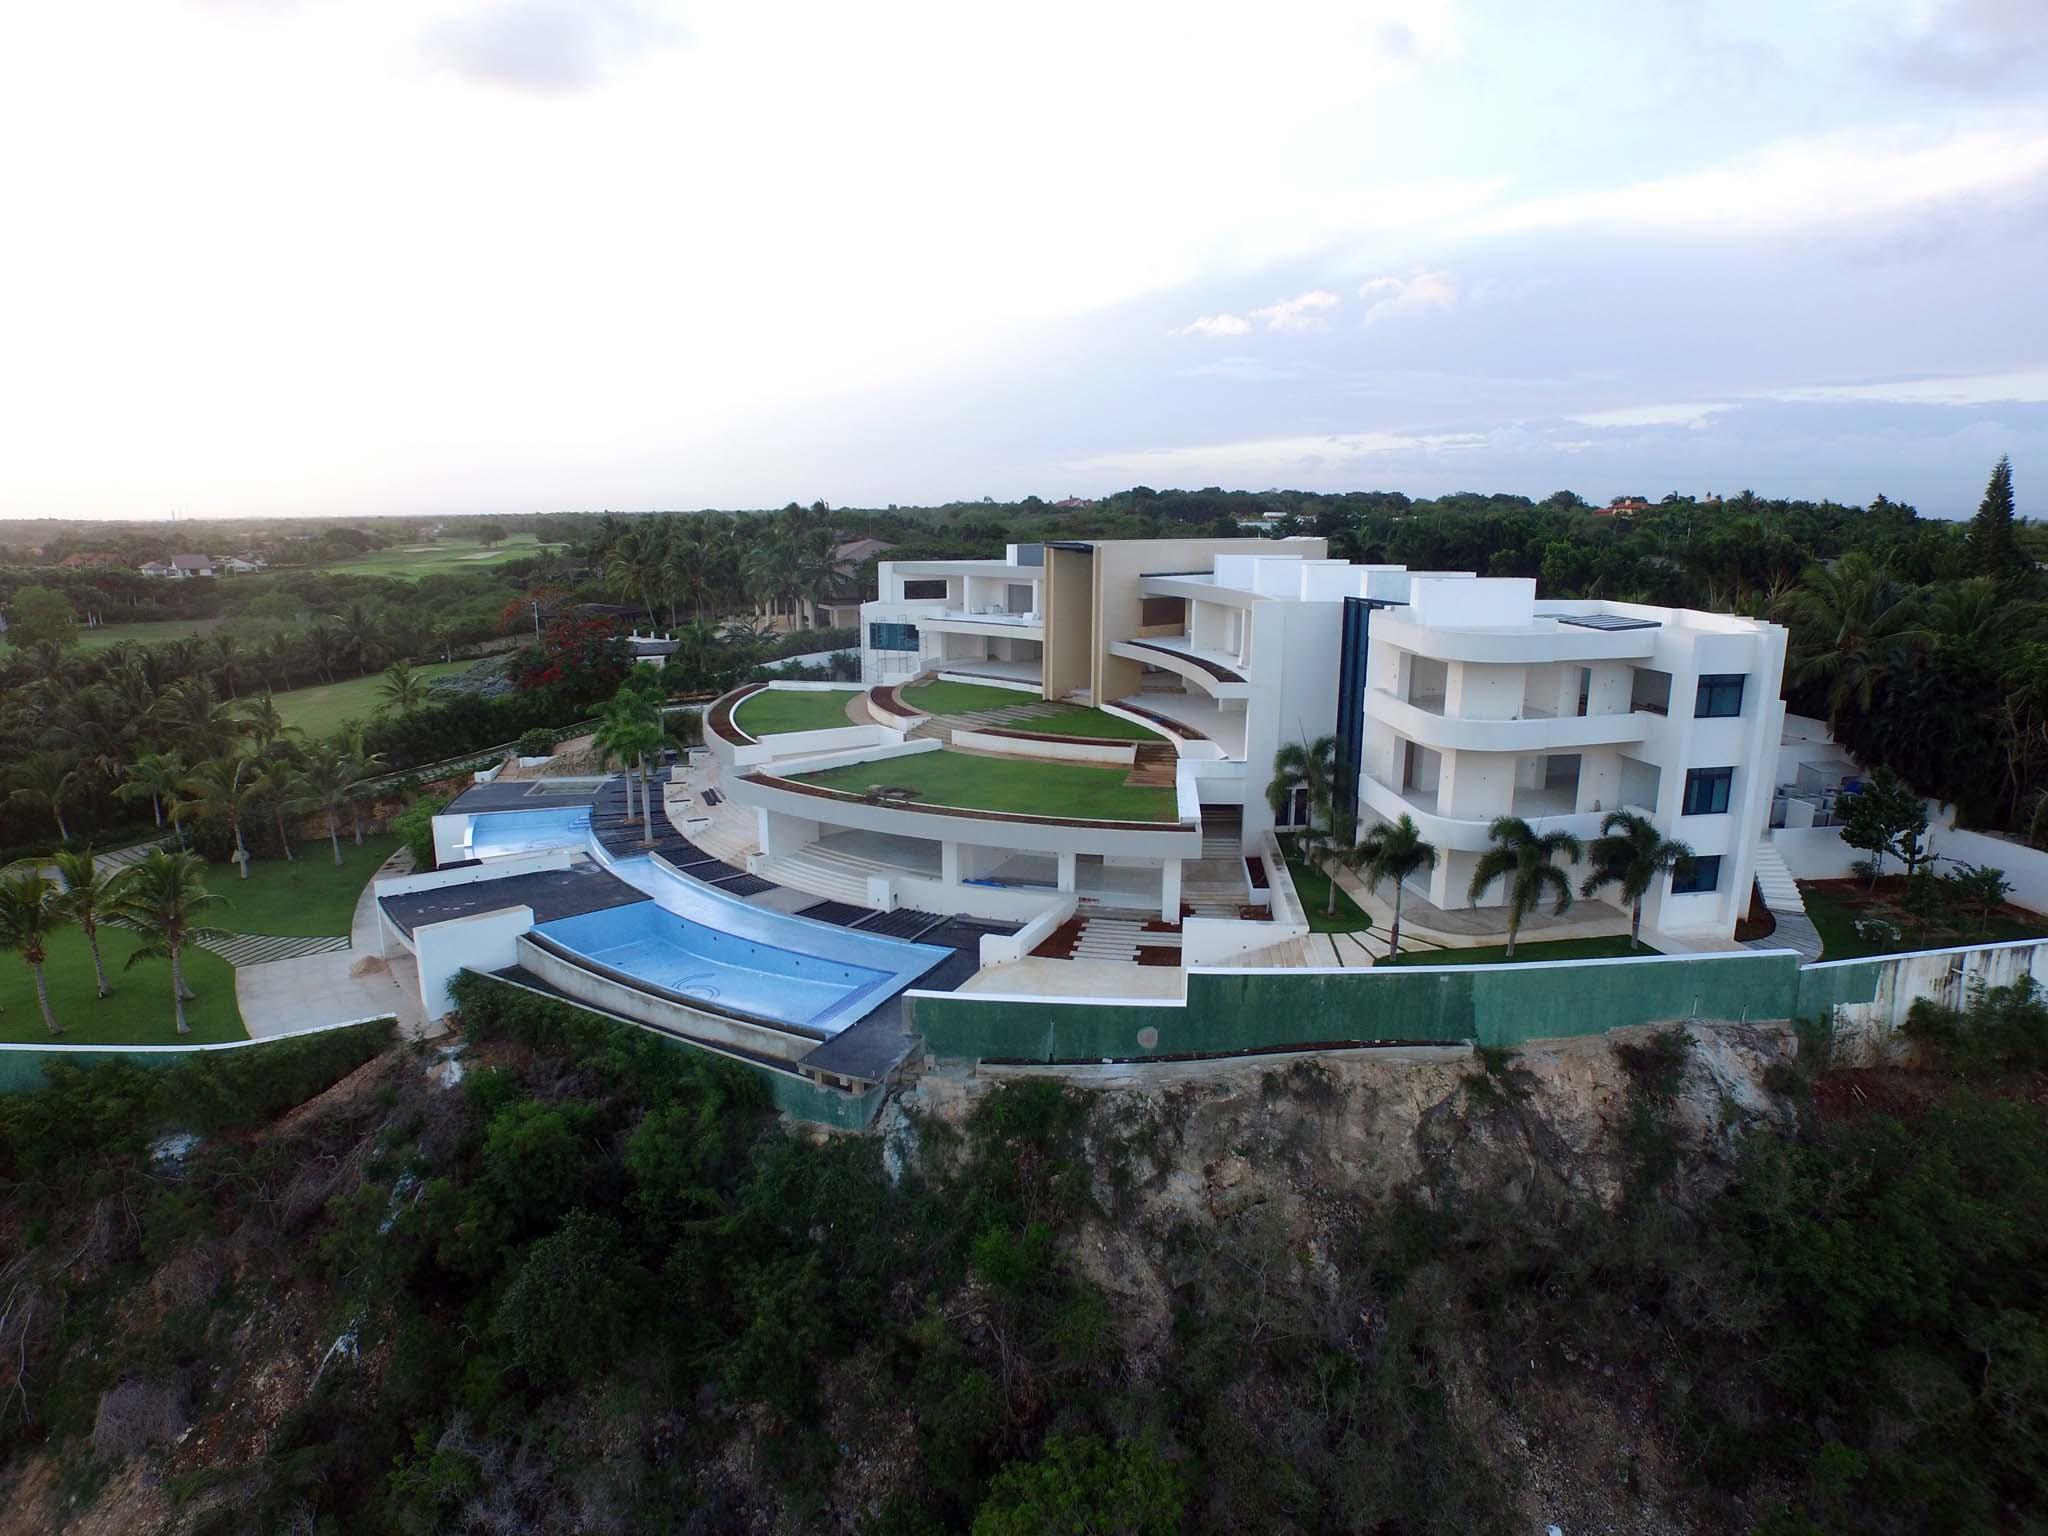 For sale villa casa de campo la romana dominican republic rio mar 23 dominican republic - Casa de campo la romana ...